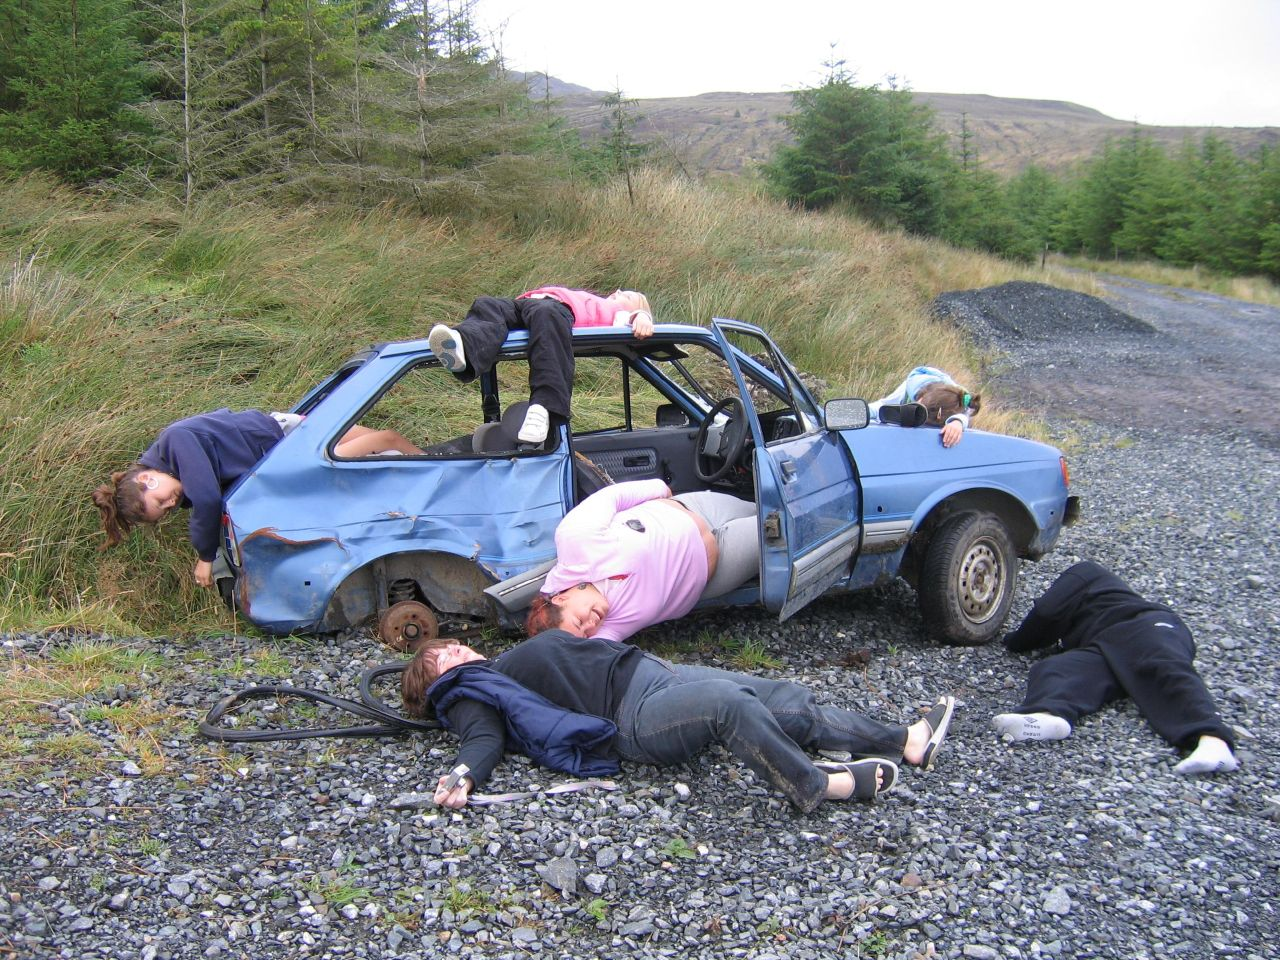 【平成23年】都道府県別 交通事故発生率(人口1万人当り)とワーストランキング